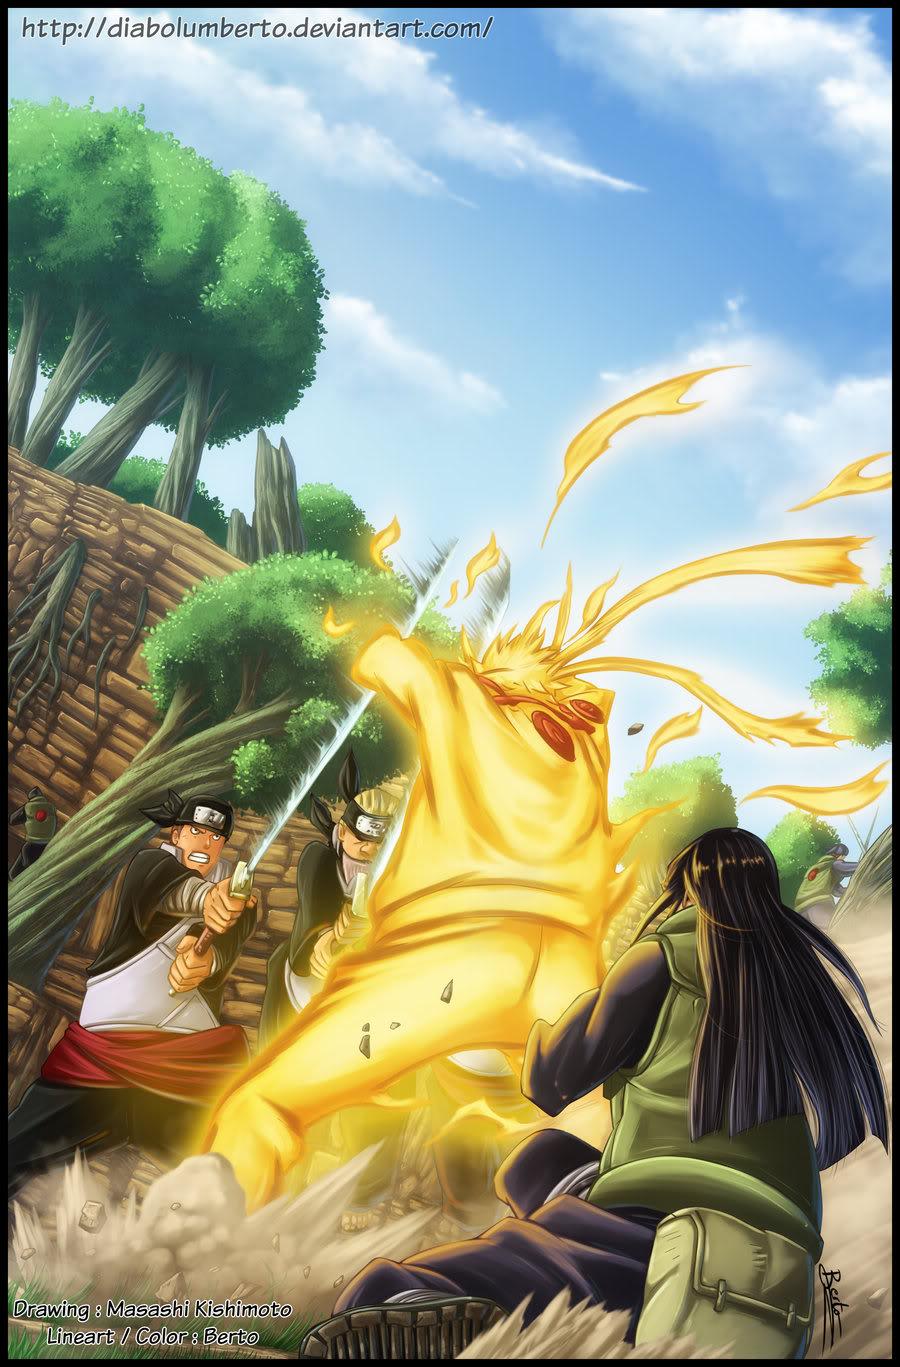 Naruto Chapter 559 Tiếng Việt - Viện Binh Xông Trận 017